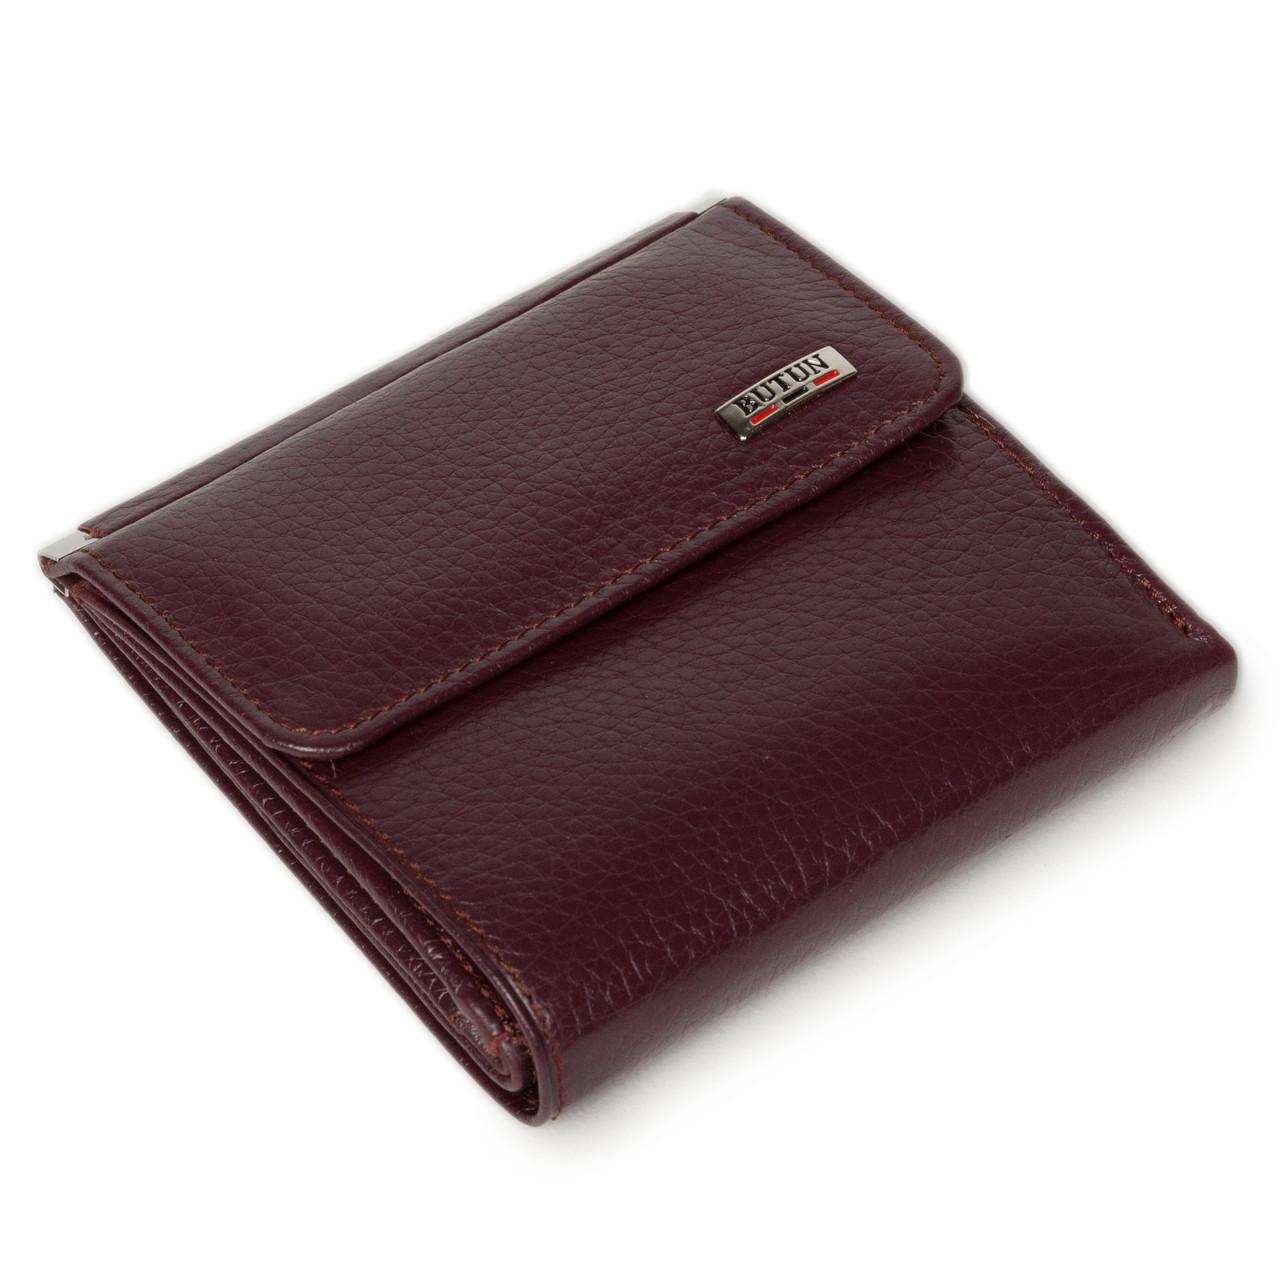 Маленький женский кошелек Butun 590-004-002 кожаный бордовый